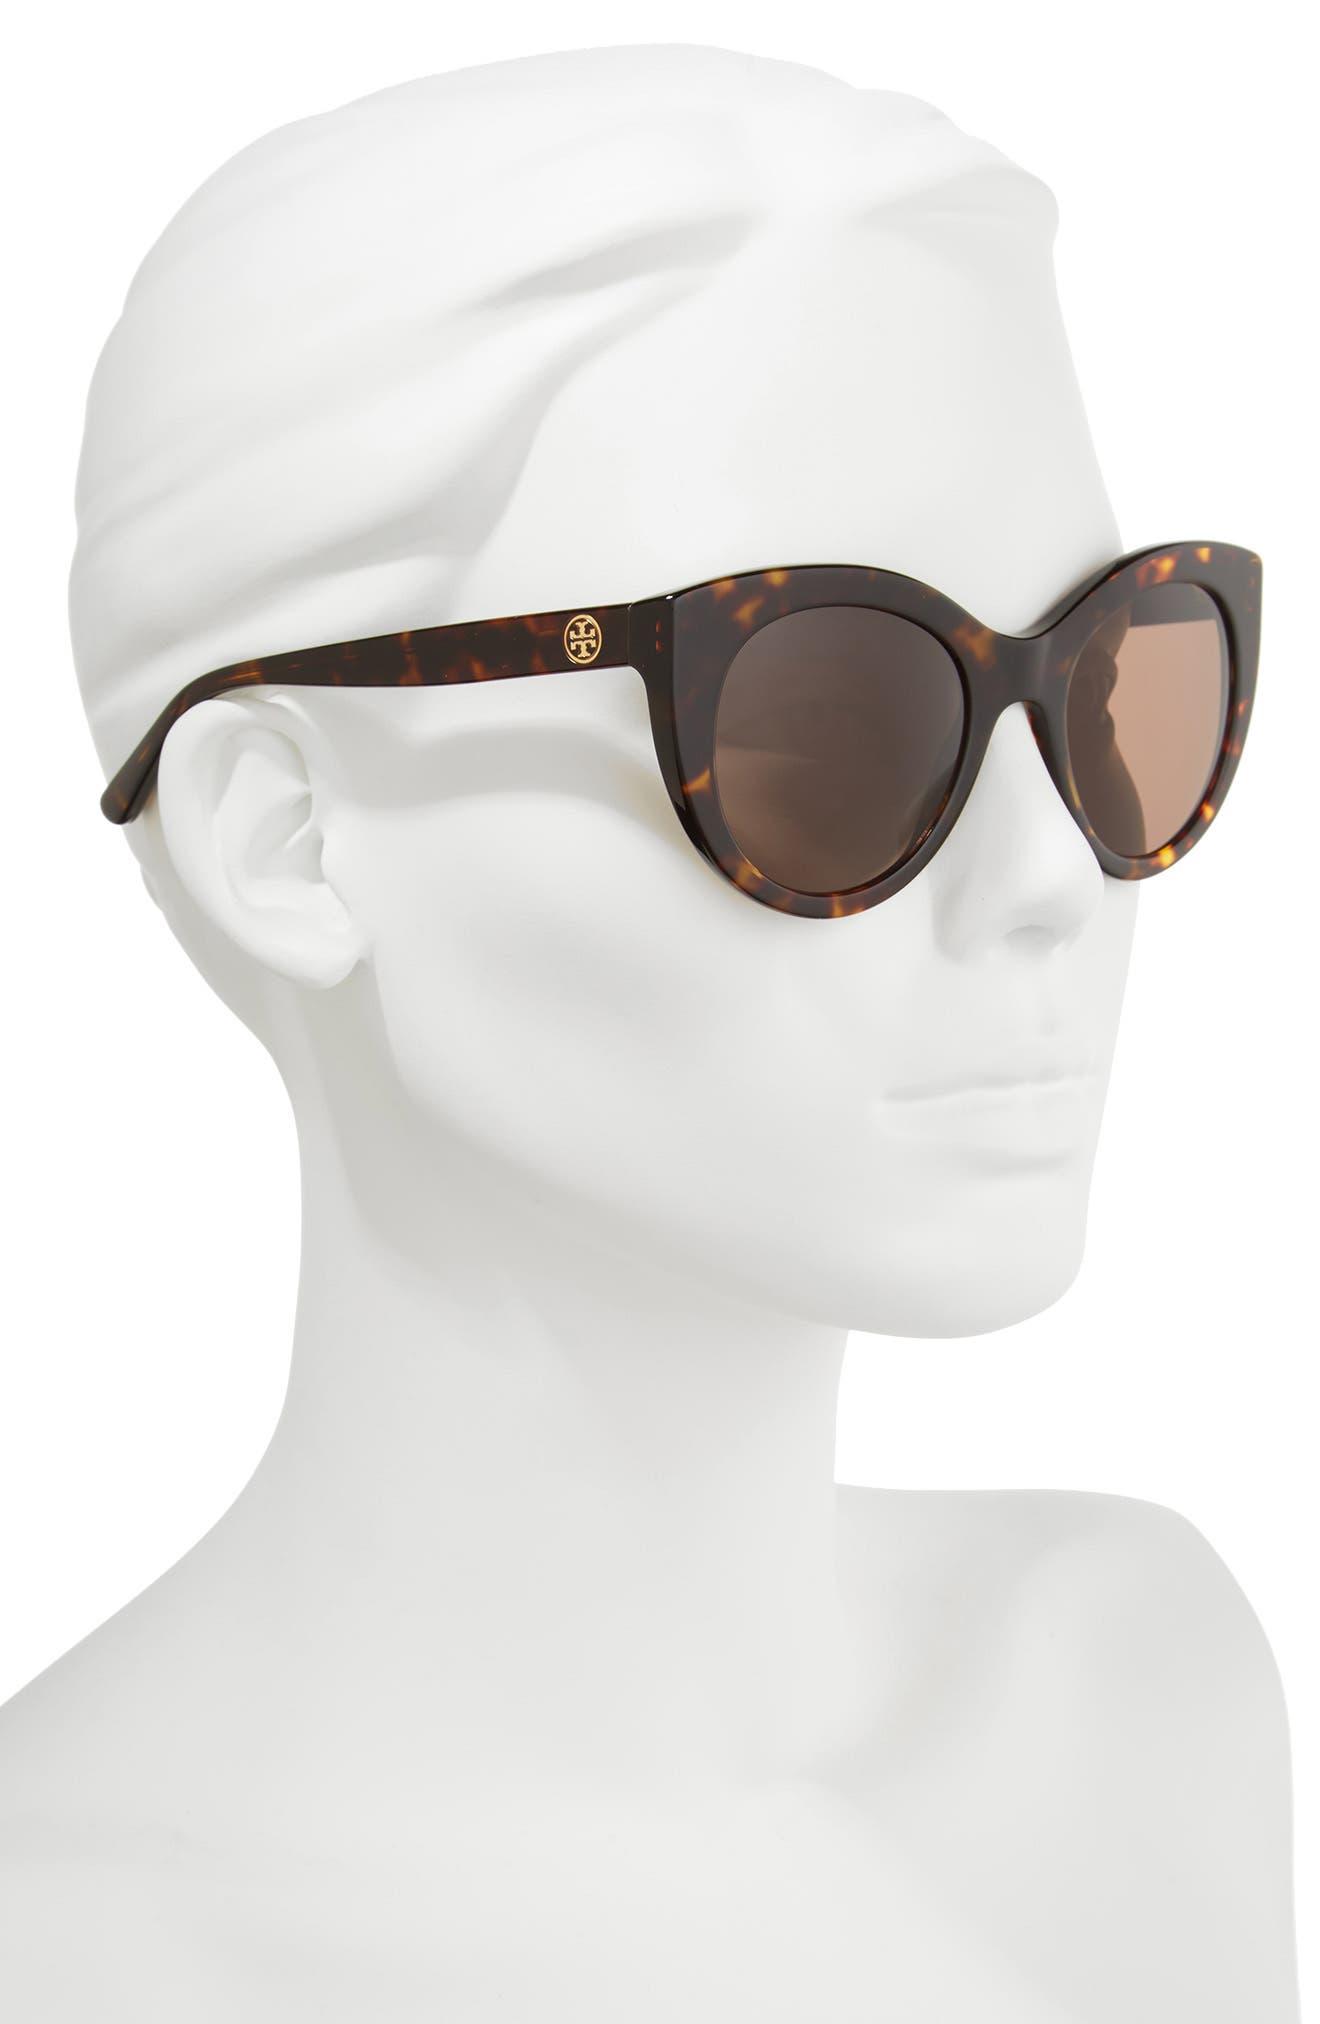 51mm Cat Eye Sunglasses,                             Alternate thumbnail 2, color,                             Tortoise/ Gold